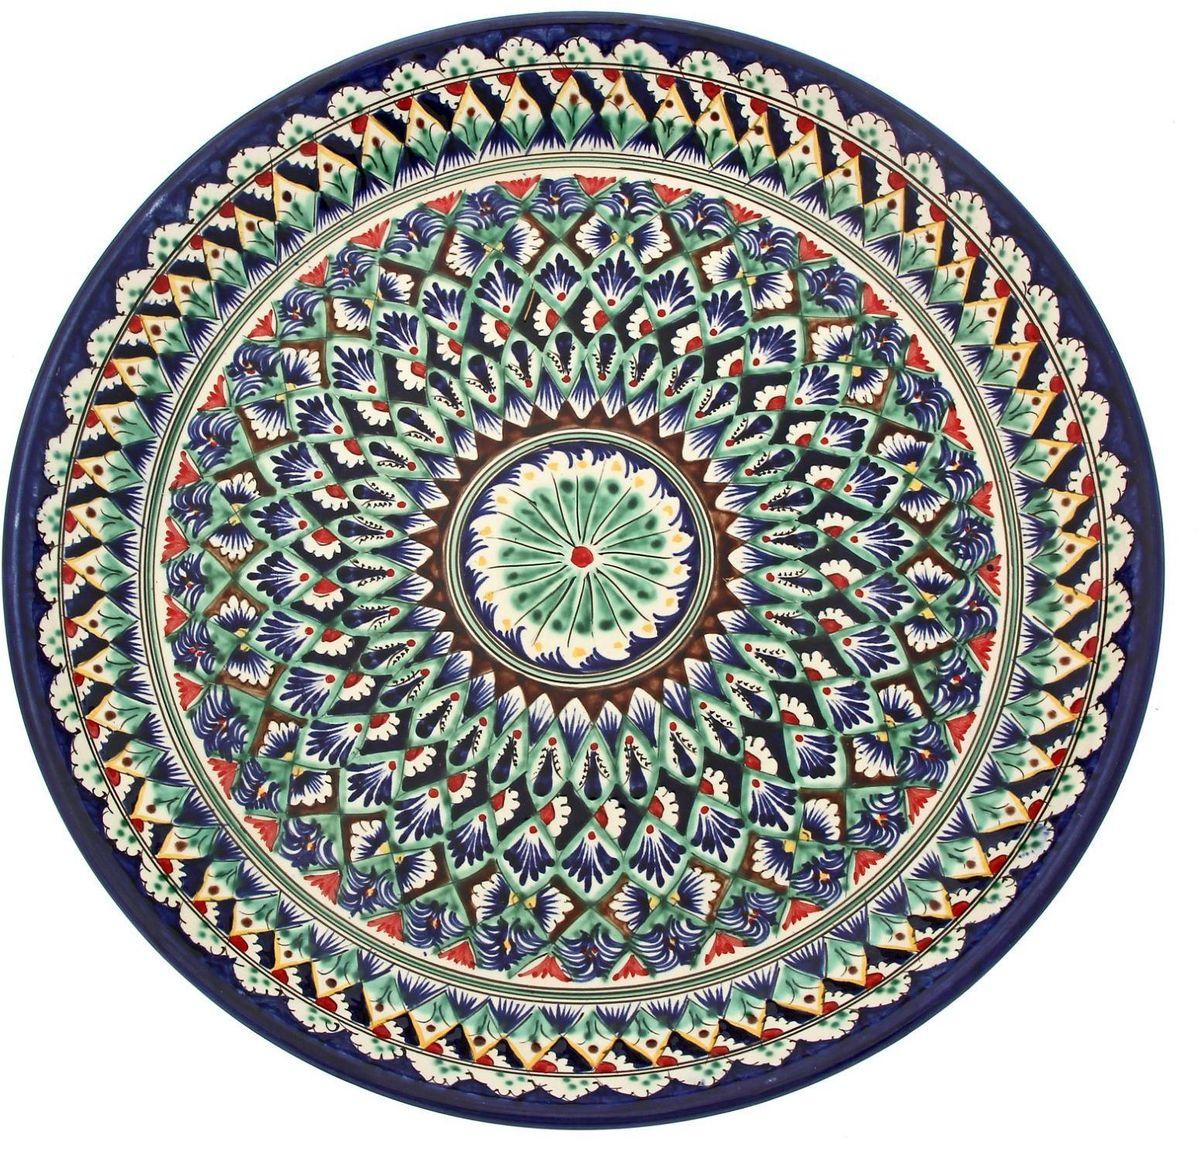 Ляган Риштанская керамика, диаметр 36 см. 19234711923471Ляган — это не просто обеденный атрибут, это украшение стола. Посуда с национальной росписью станет отменным подарком для ценителей высокородной посуды.Риштан — город на востоке Узбекистана, один из древнейших в Ферганской долине. С давних времён Риштан славится своим гончарным искусством изготовления цветной керамики. Красноватую глину для изделия добывают в самом городе. Мастера утверждают, что их глина настолько высокого качества, что даже не нуждается в предварительной обработке. Дополните коллекцию кухонных аксессуаров пряными восточными нотами.